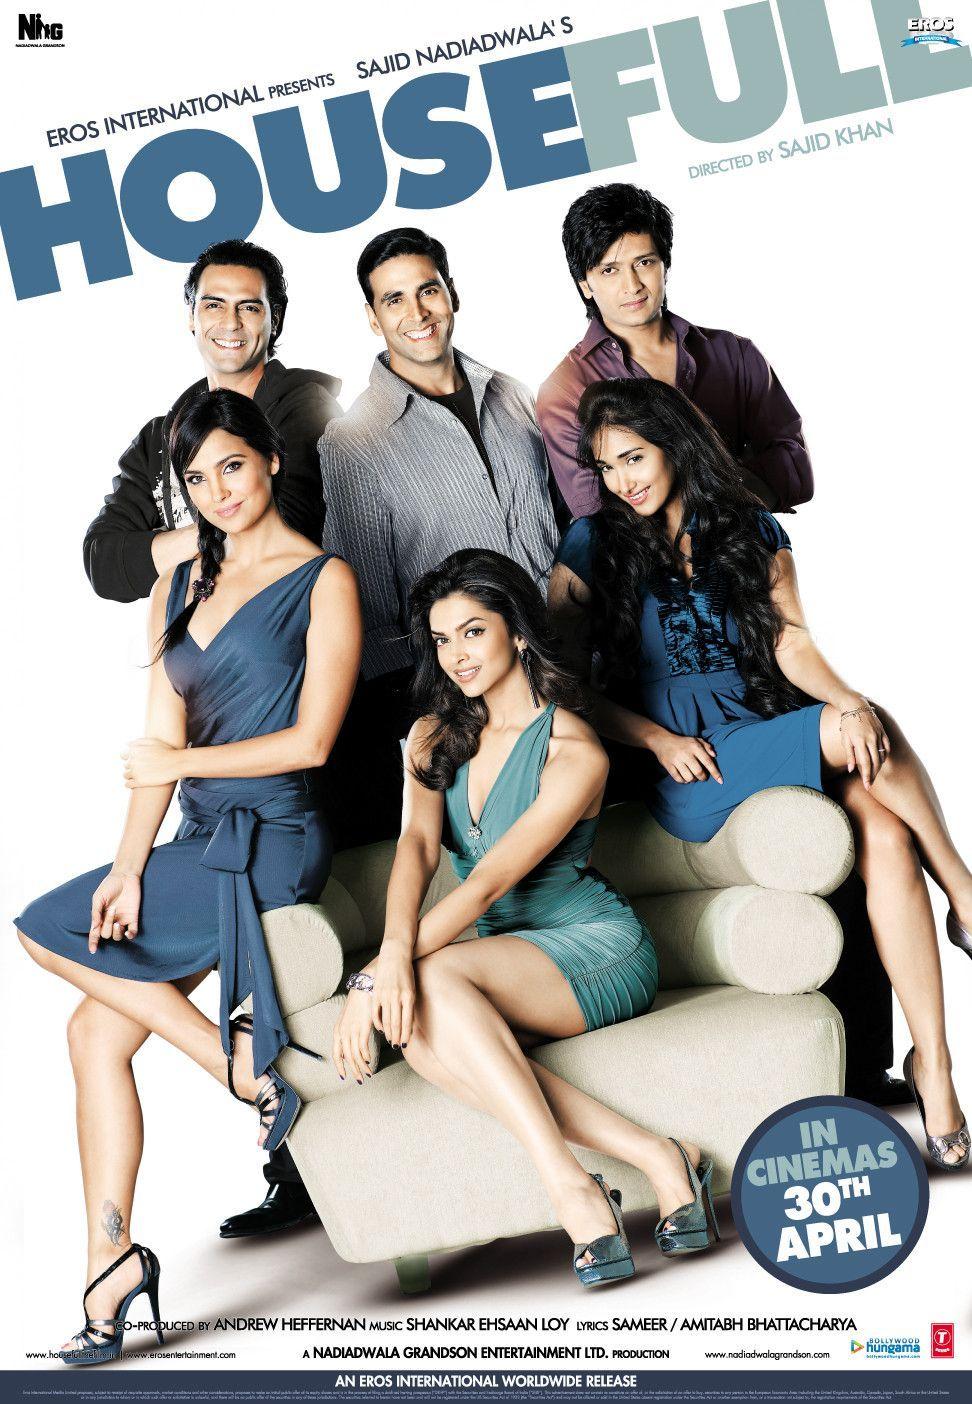 Starring Akshay Kumar Deepika Padukone Riteish Deshmukh Lara Dutta Jiah Khan 2010 Movie Imdb 4 8 Aarushi Free Bollywood Movies Hindi Movies Hindi Movies Online